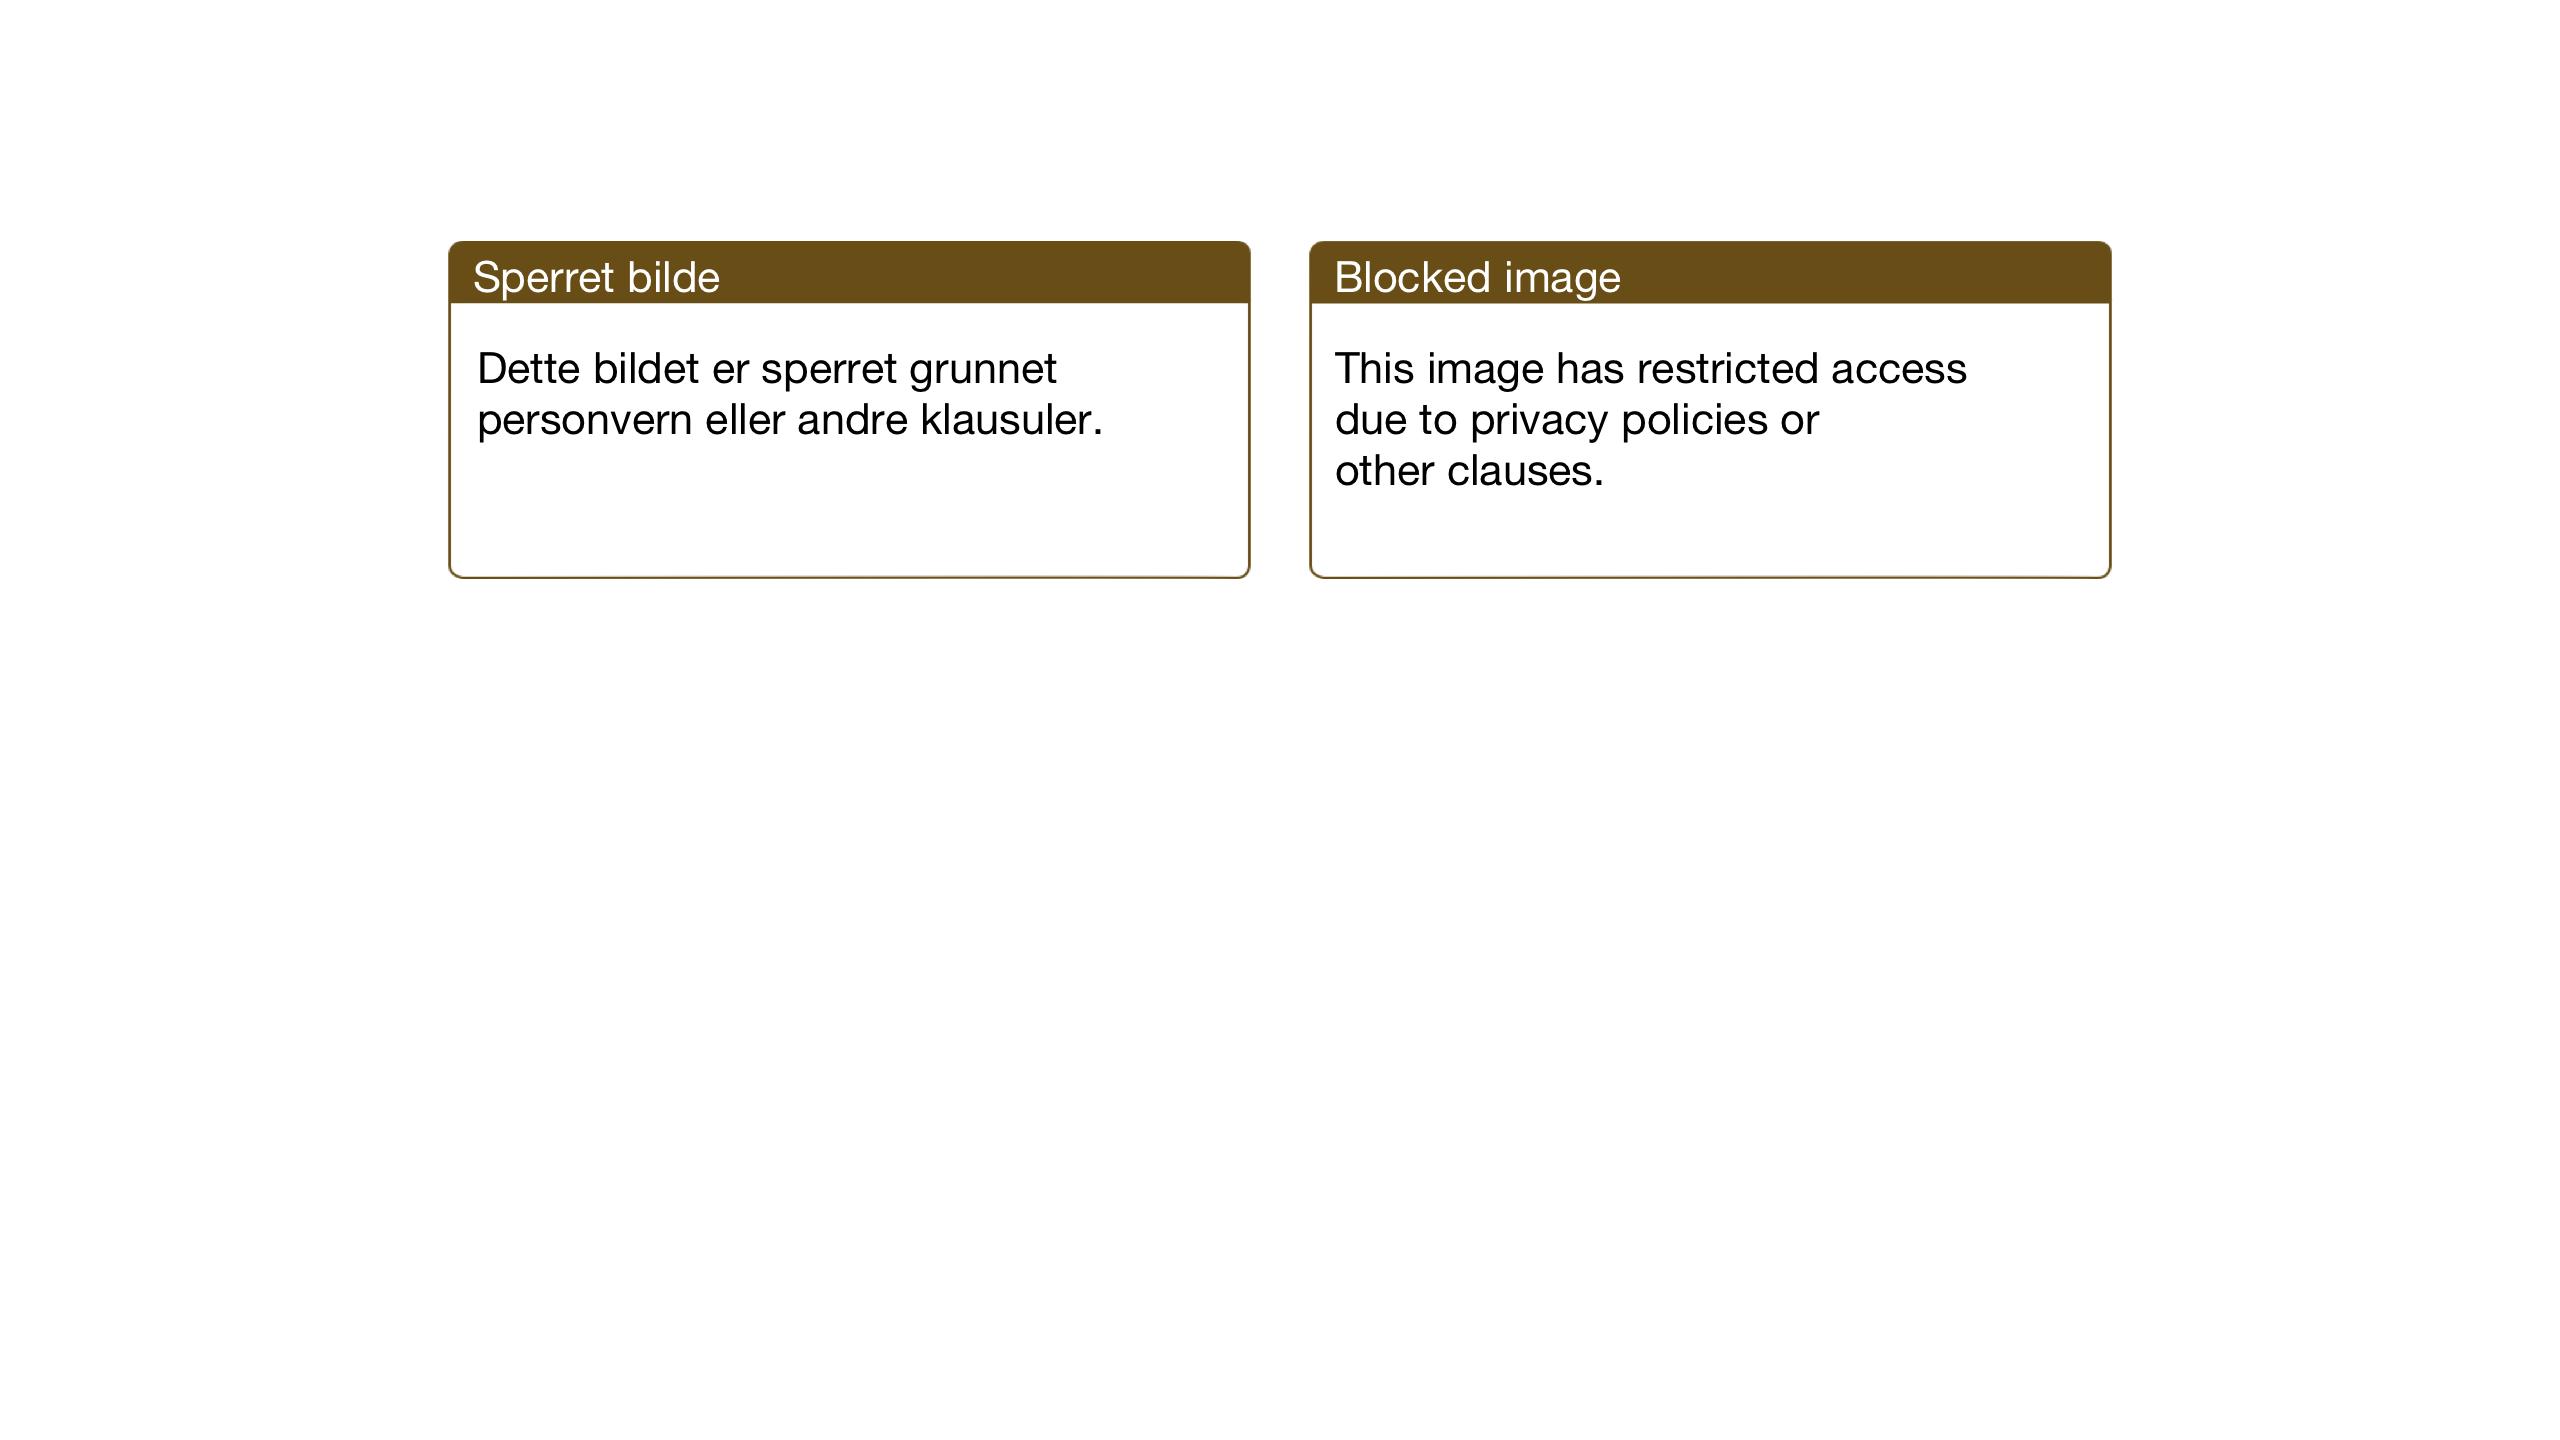 SAT, Ministerialprotokoller, klokkerbøker og fødselsregistre - Sør-Trøndelag, 681/L0944: Klokkerbok nr. 681C08, 1926-1954, s. 97